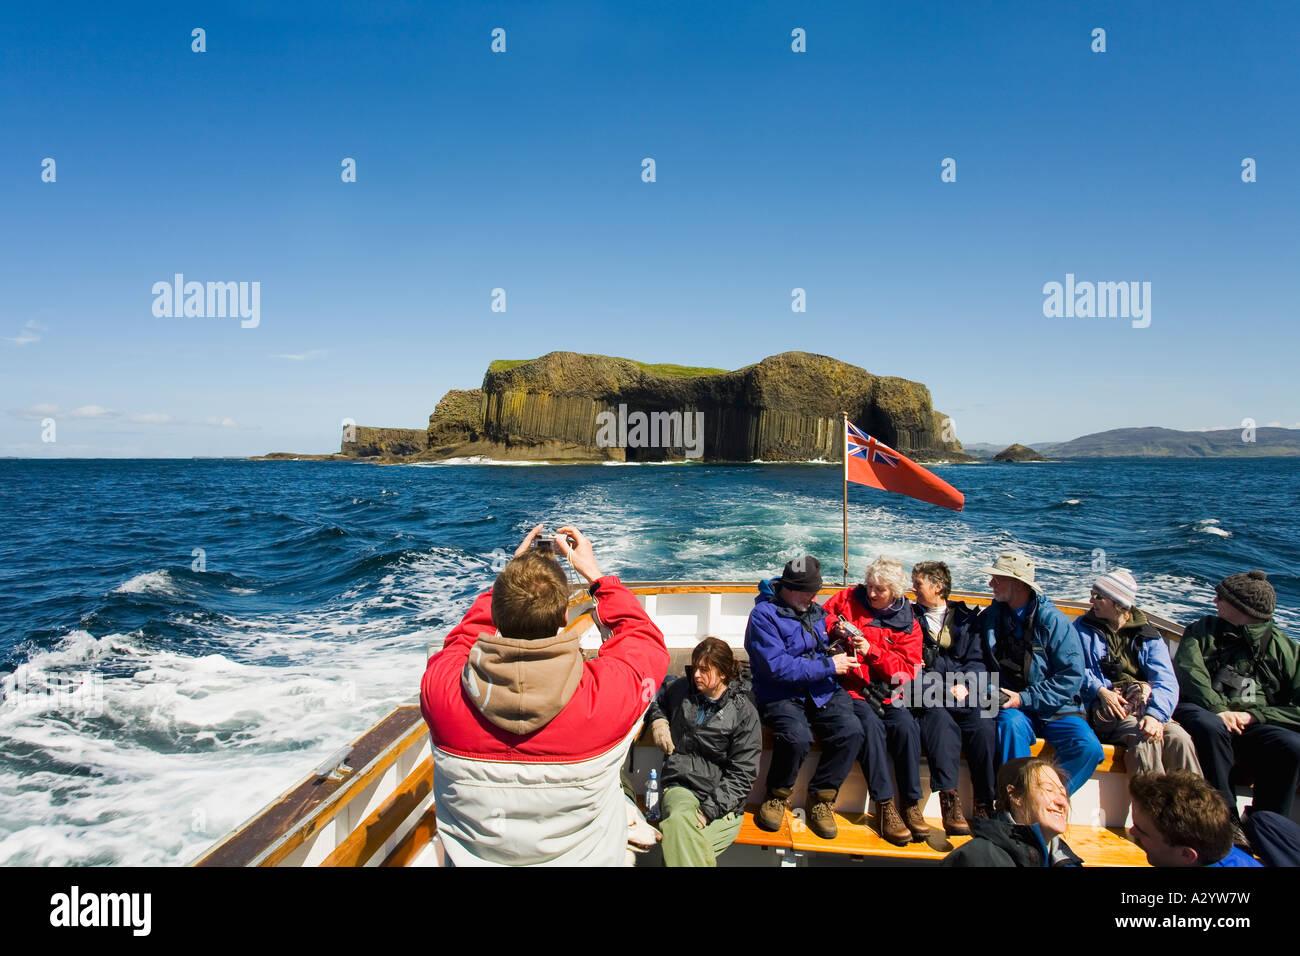 Isla de Staffa tomada del placer turístico viaje en barco a la isla en el verano de sol sol con cielo azul Imagen De Stock